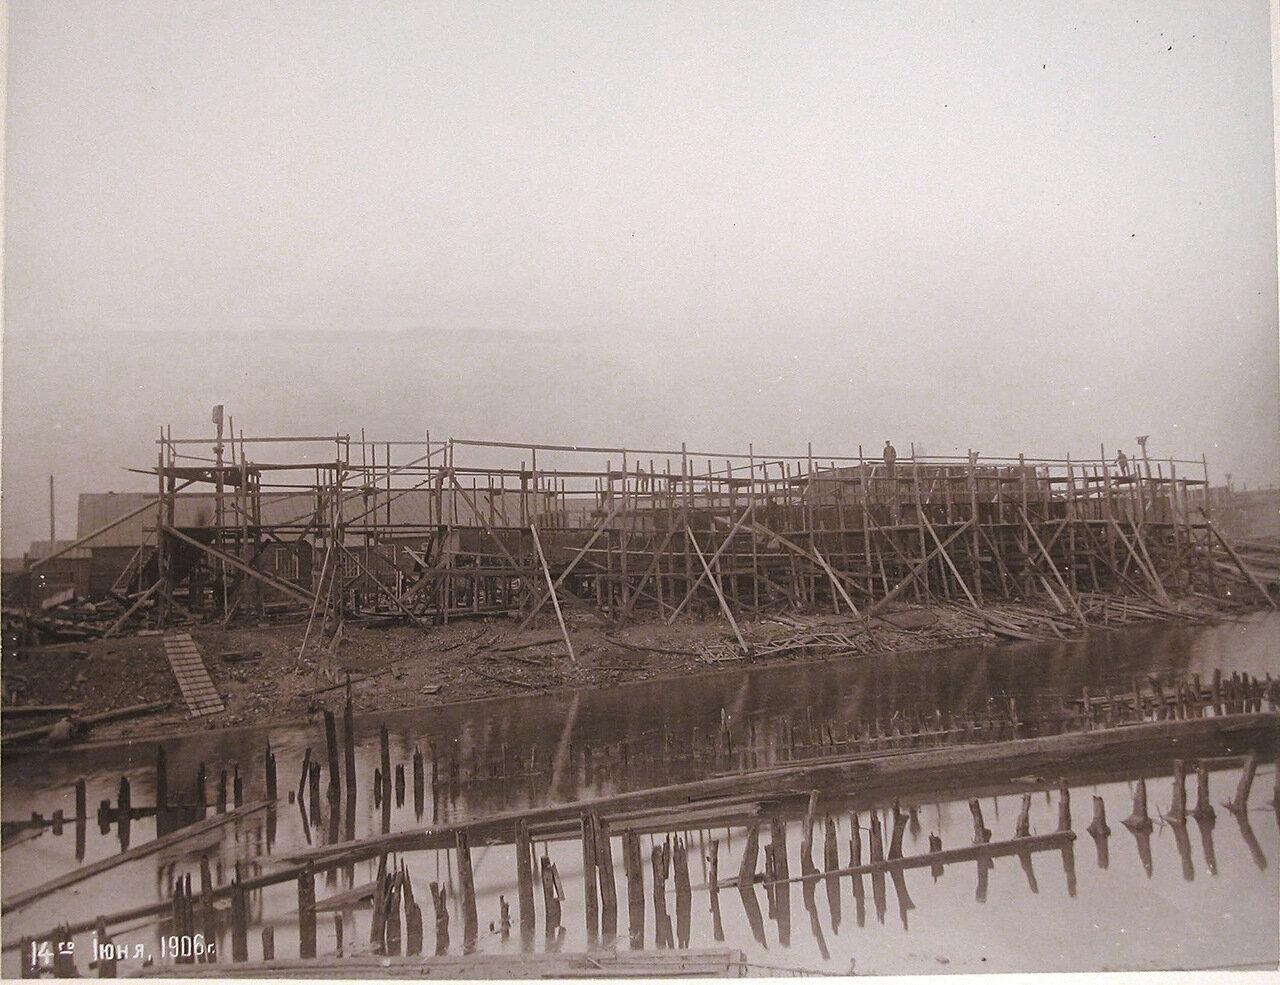 22. Постройка канонерской лодки «Кореец»  на стапеле Путиловского завода. 14 июня 1906